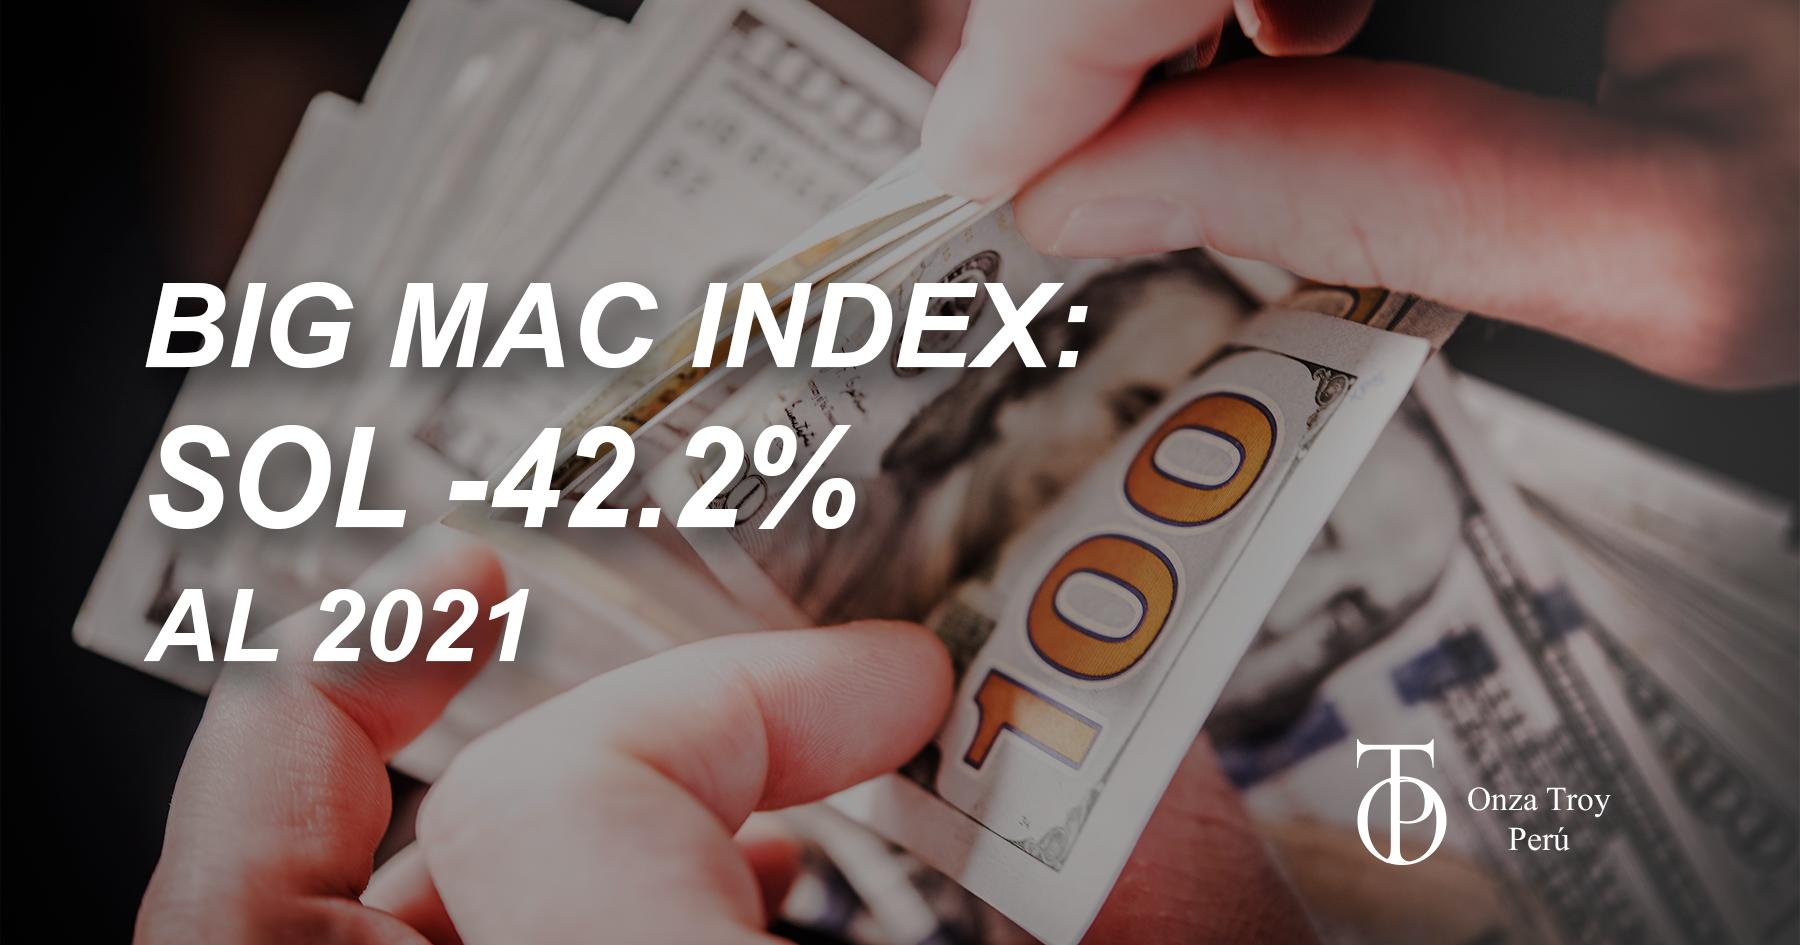 BIG MAC INDEX: SOL -42.2% AL 2021